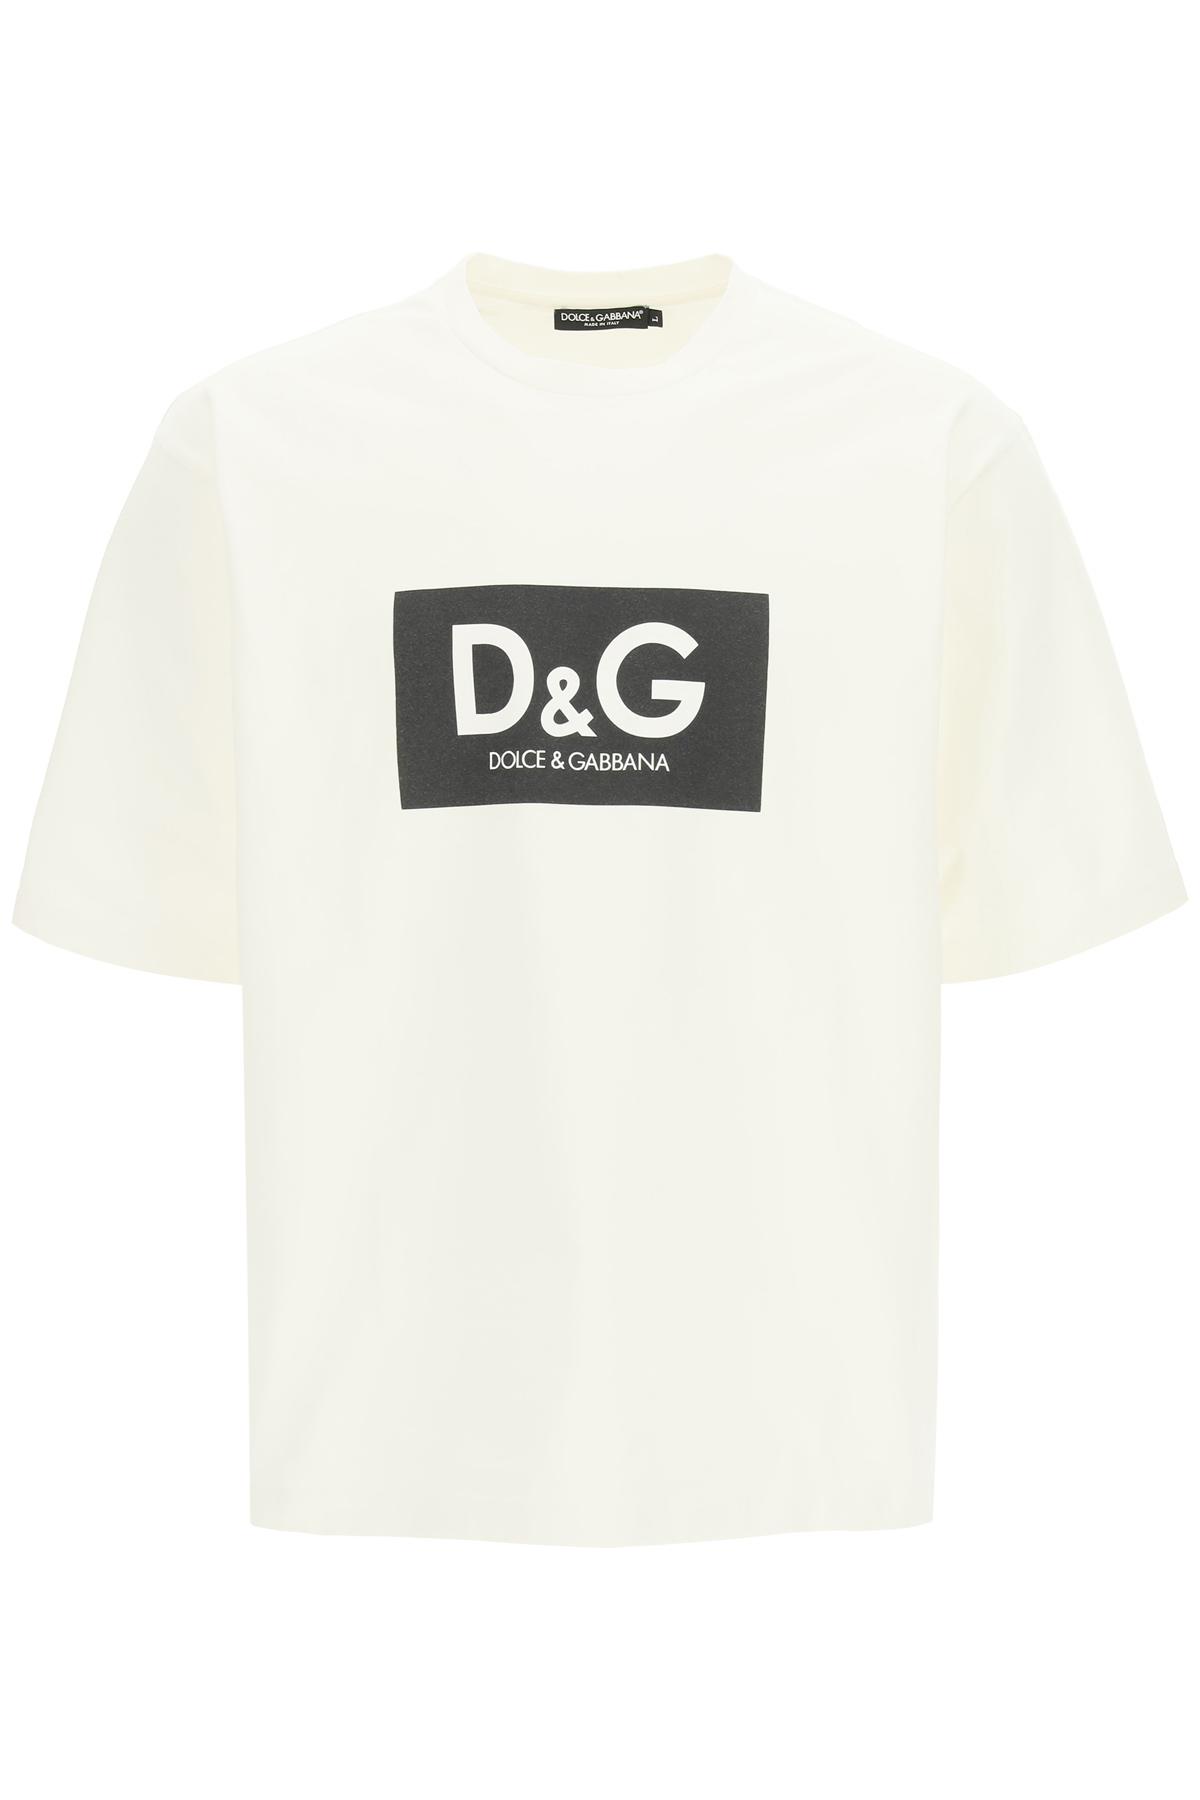 Dolce & gabbana t-shirt oversize con logo